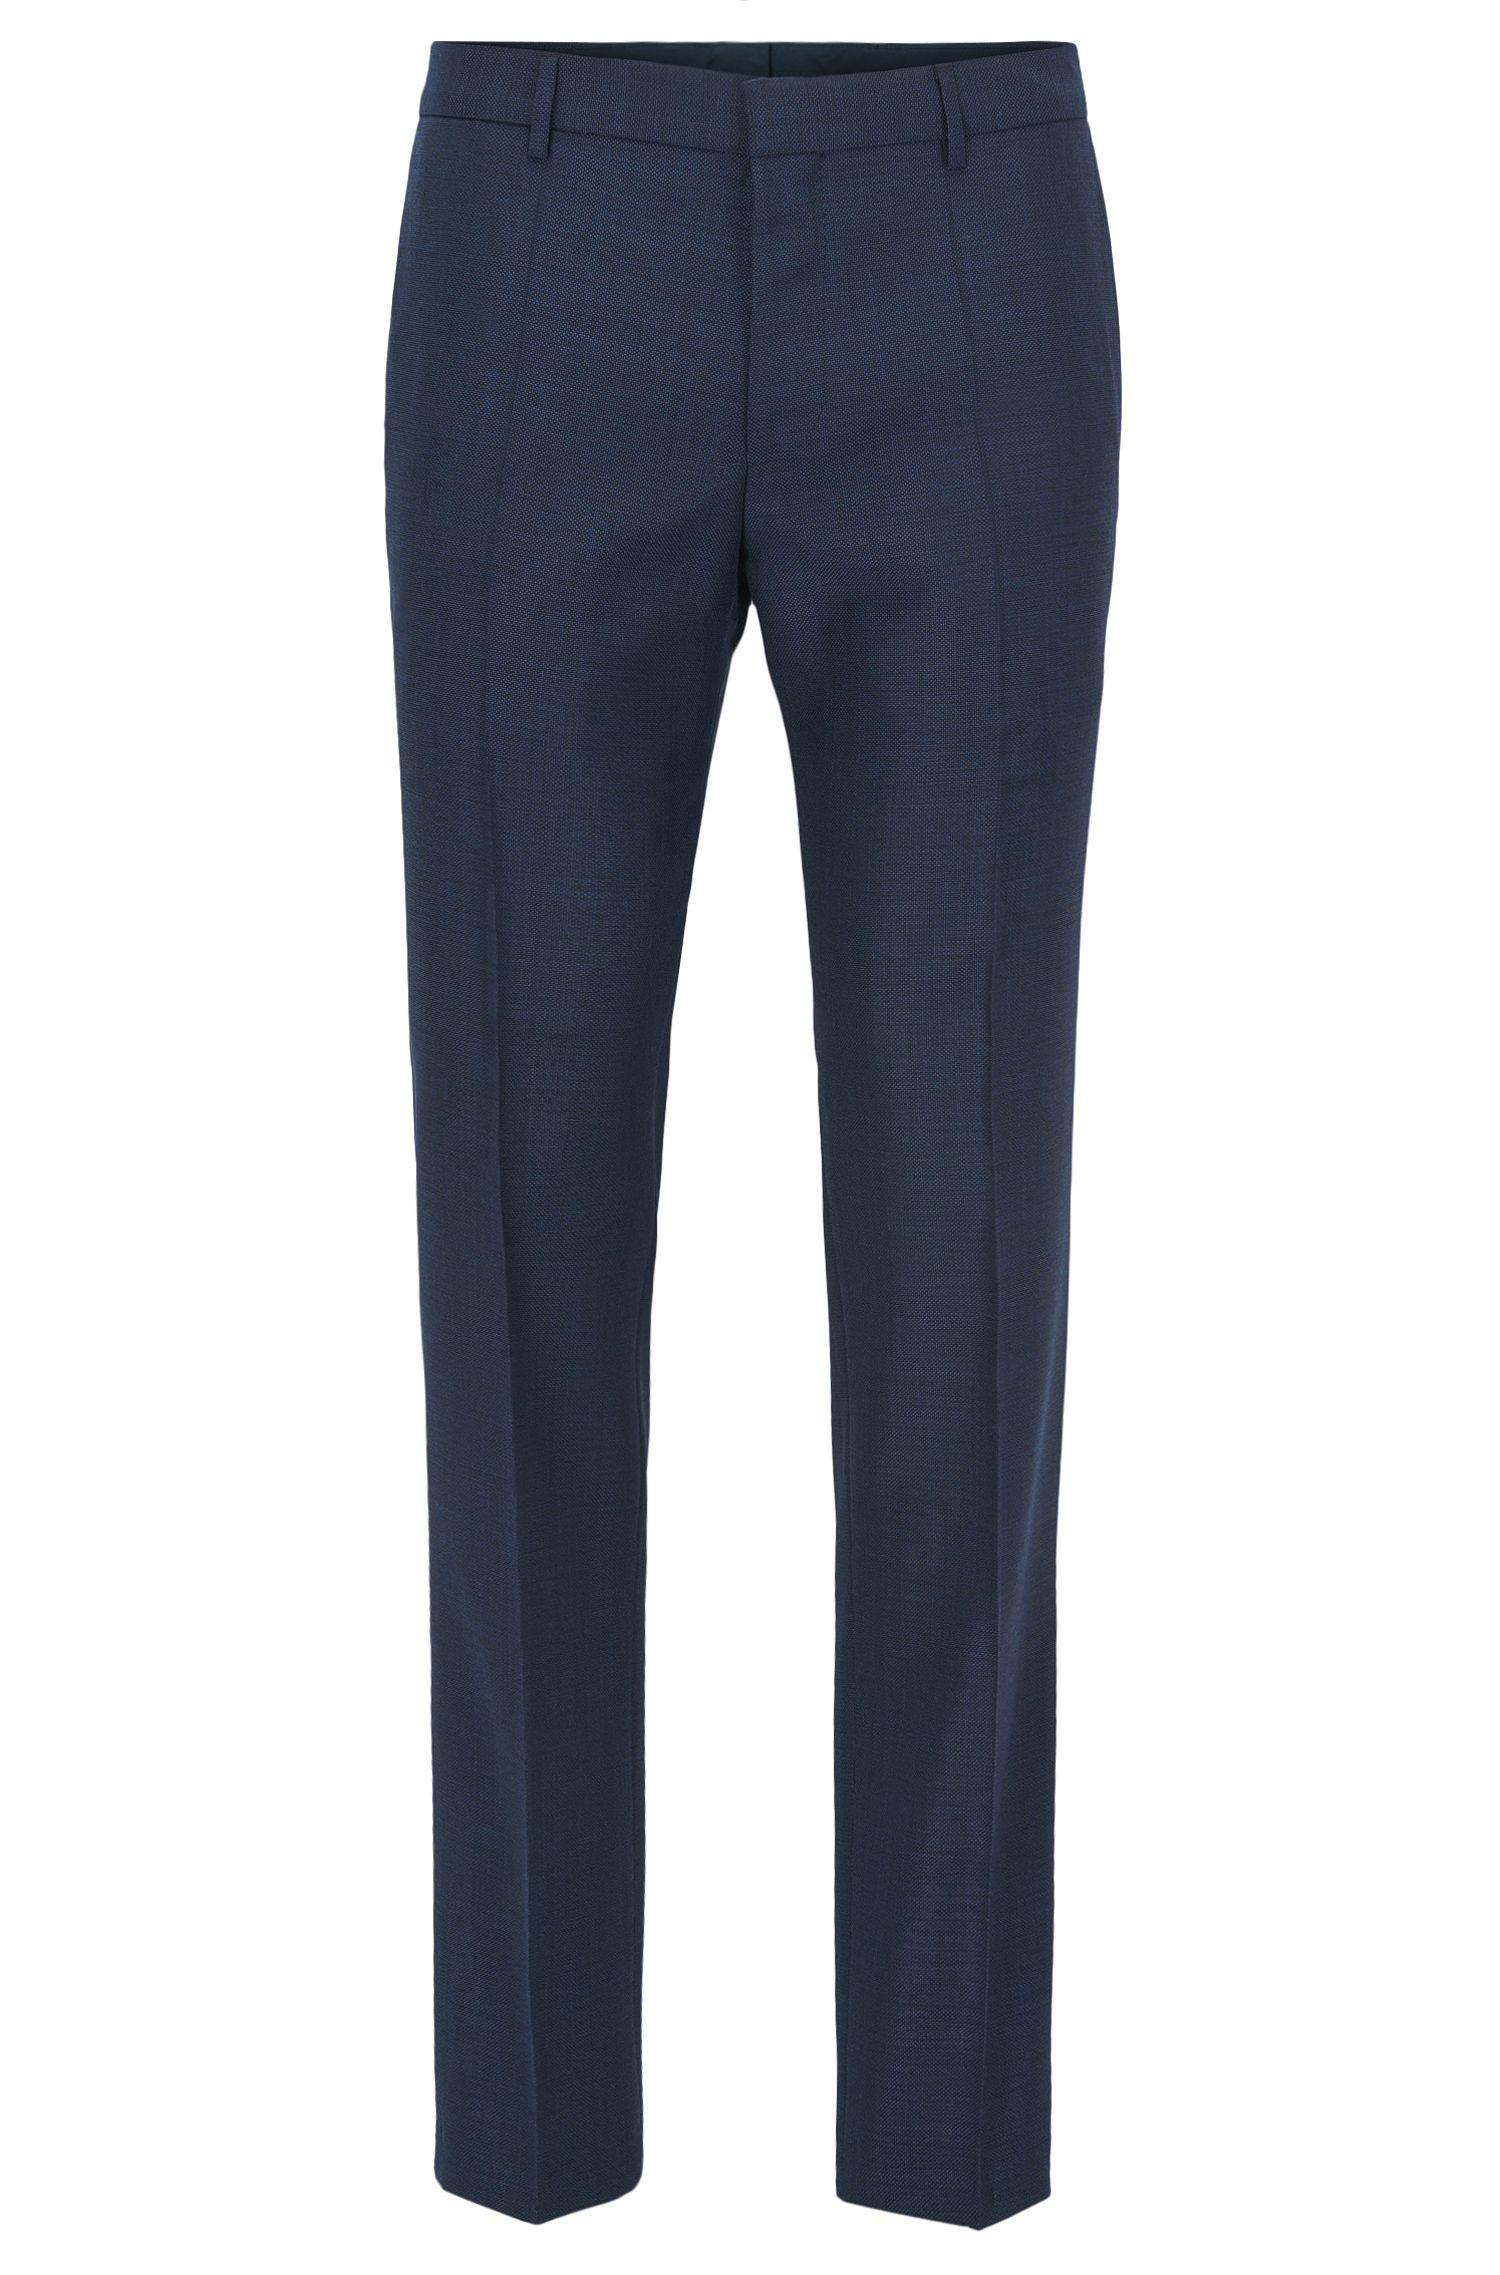 Pantaloni slim fit in serge di lana vergine Tesse con elastan naturale